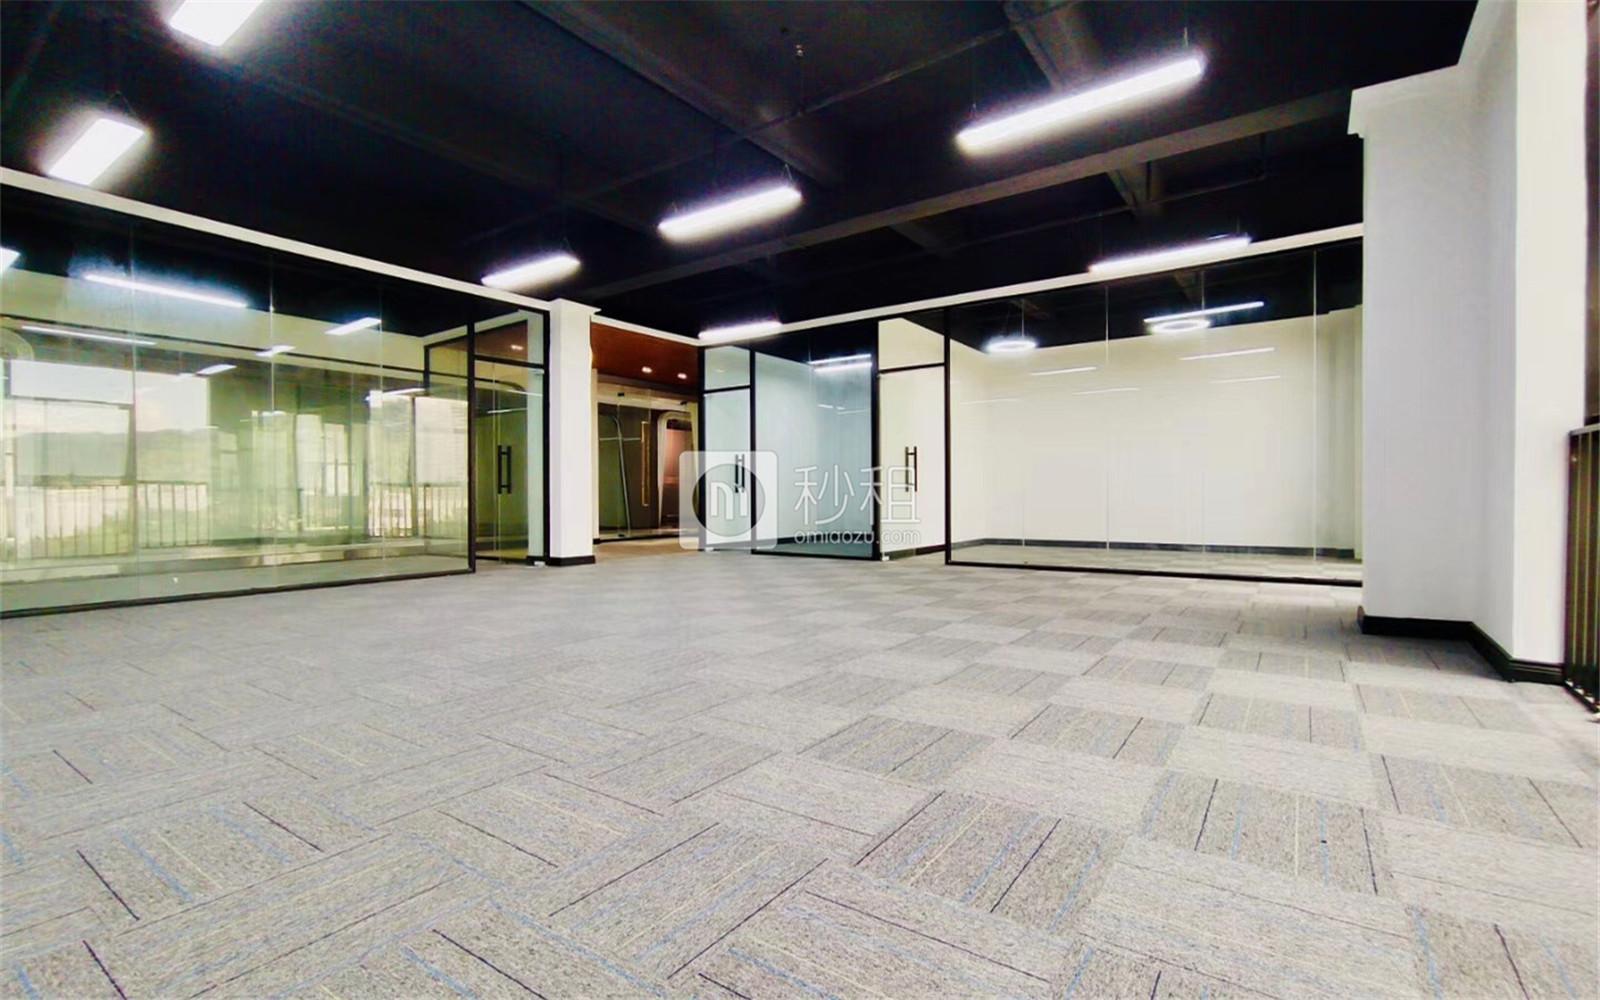 宝安-西乡 湾区人工智能产业园 260m²